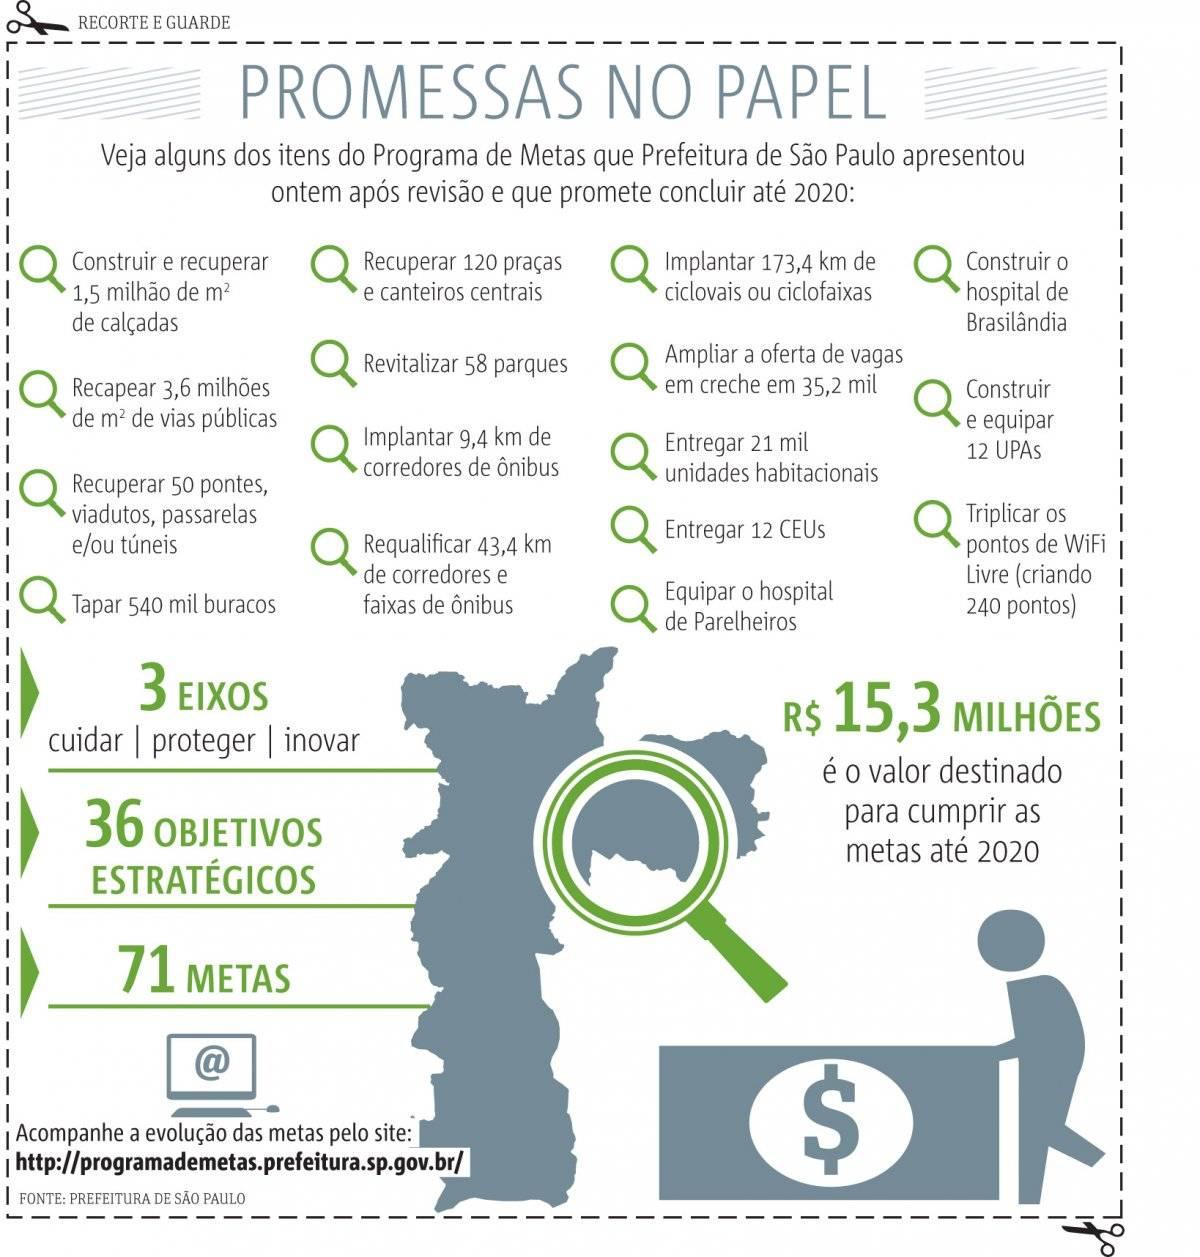 Promessas Prefeitura de Sp